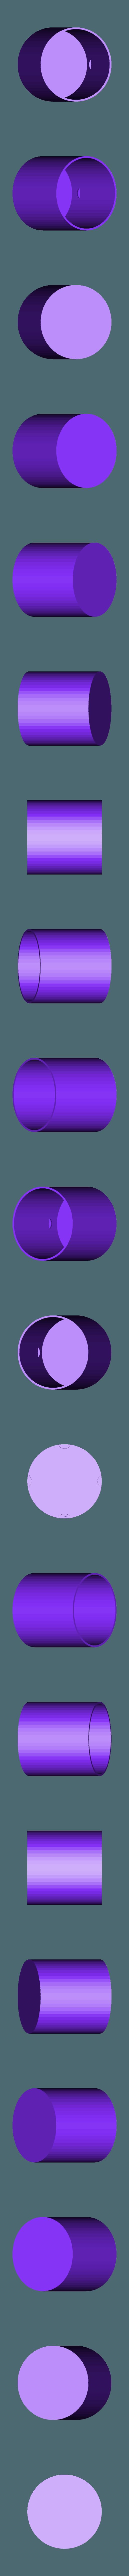 OUT-NUDE.stl Télécharger fichier STL TRASH CAPS - Poubelle pour dosettes et capsules de café • Design à imprimer en 3D, lartiste3D